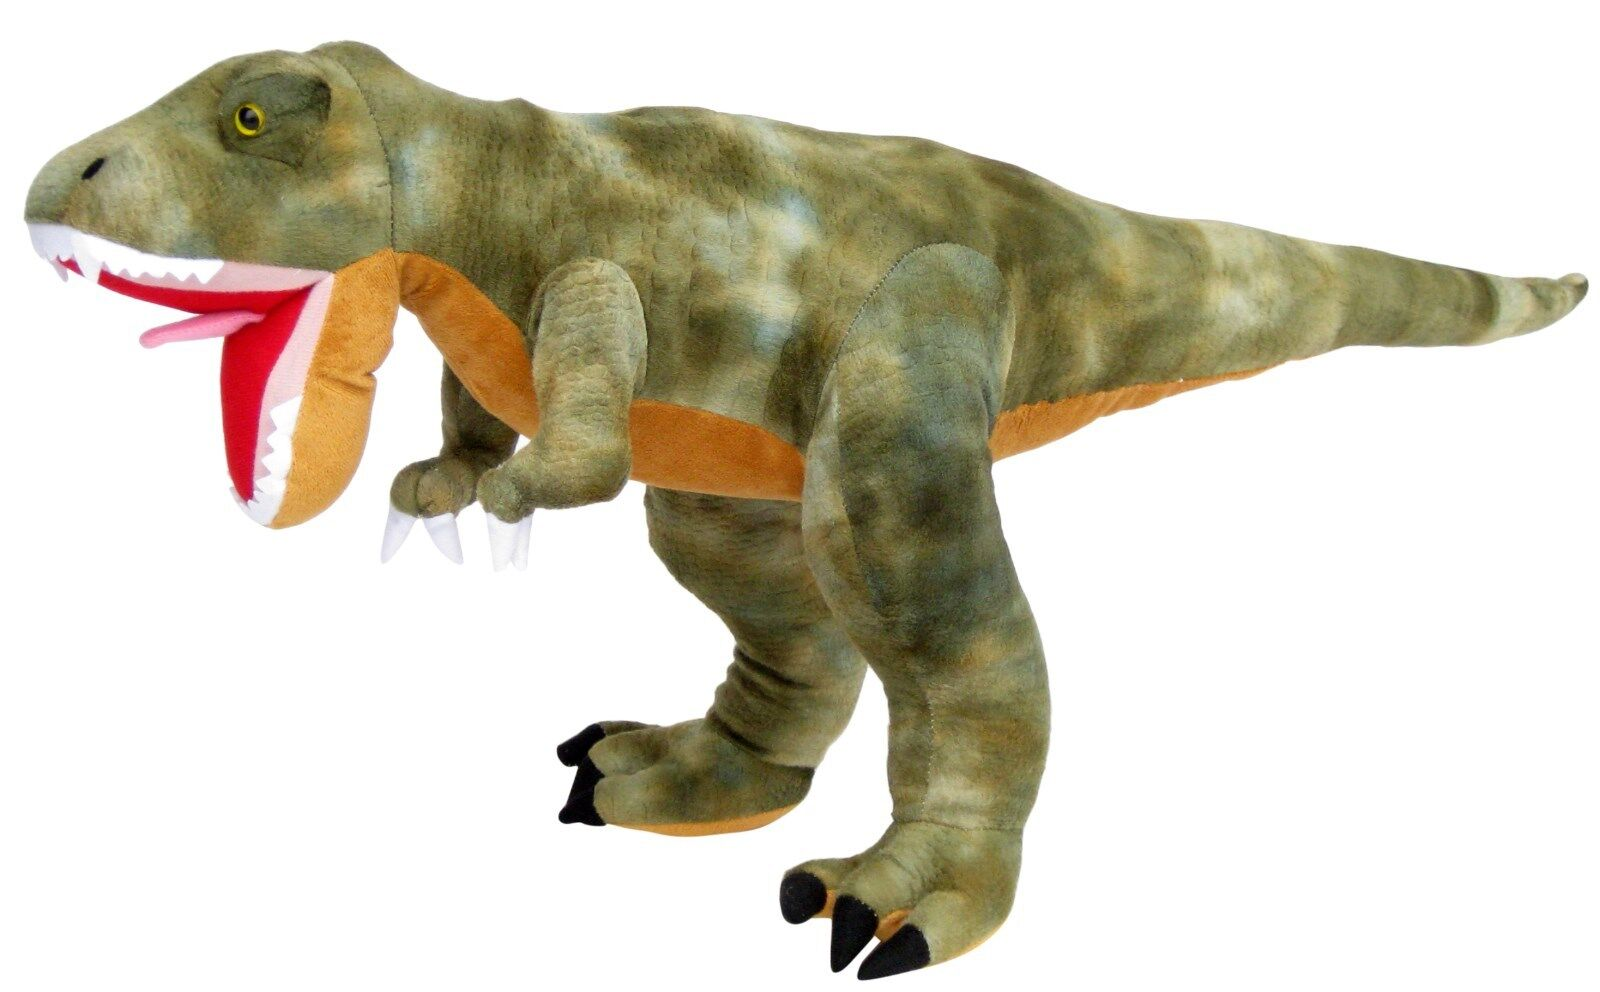 PLÜSCHTIER DINOSAURIER TYRANNOSAURUS - - 50 cm - TYRANNOSAURUS NEU T-Rex Plüsch-dino Kuscheltier 2eb384